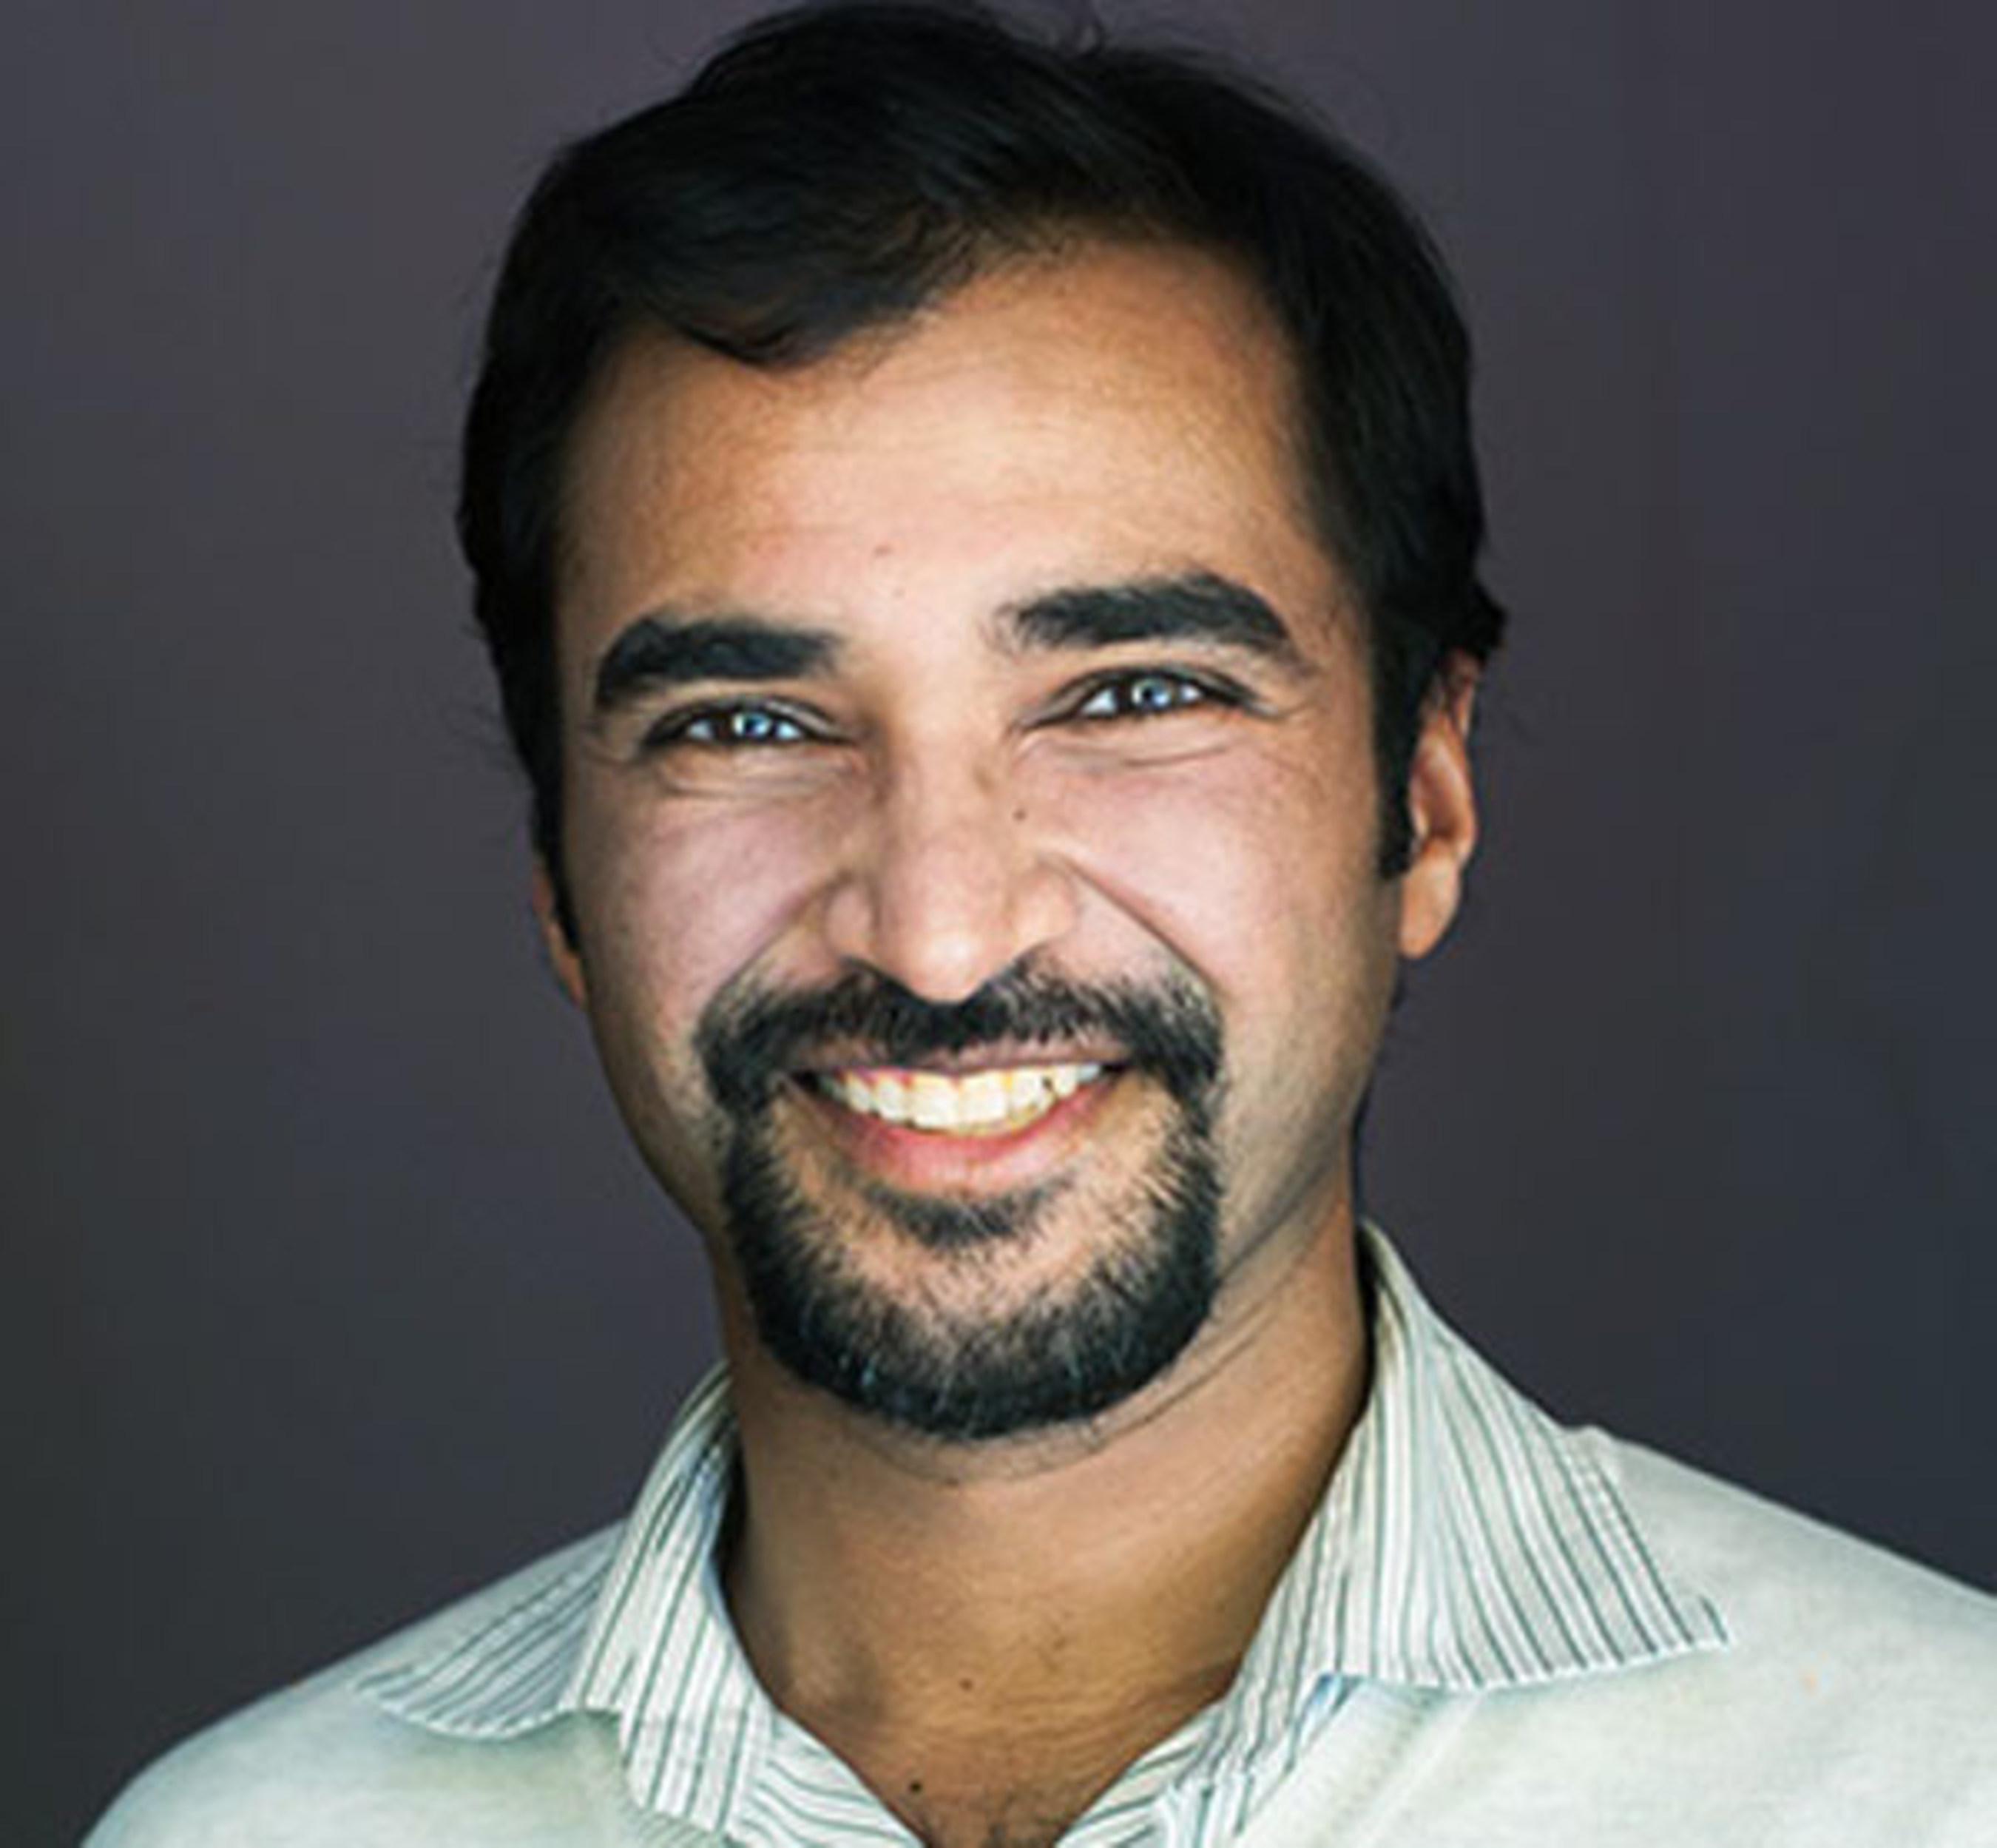 RSA Names Zulfikar Ramzan as Chief Technology Officer